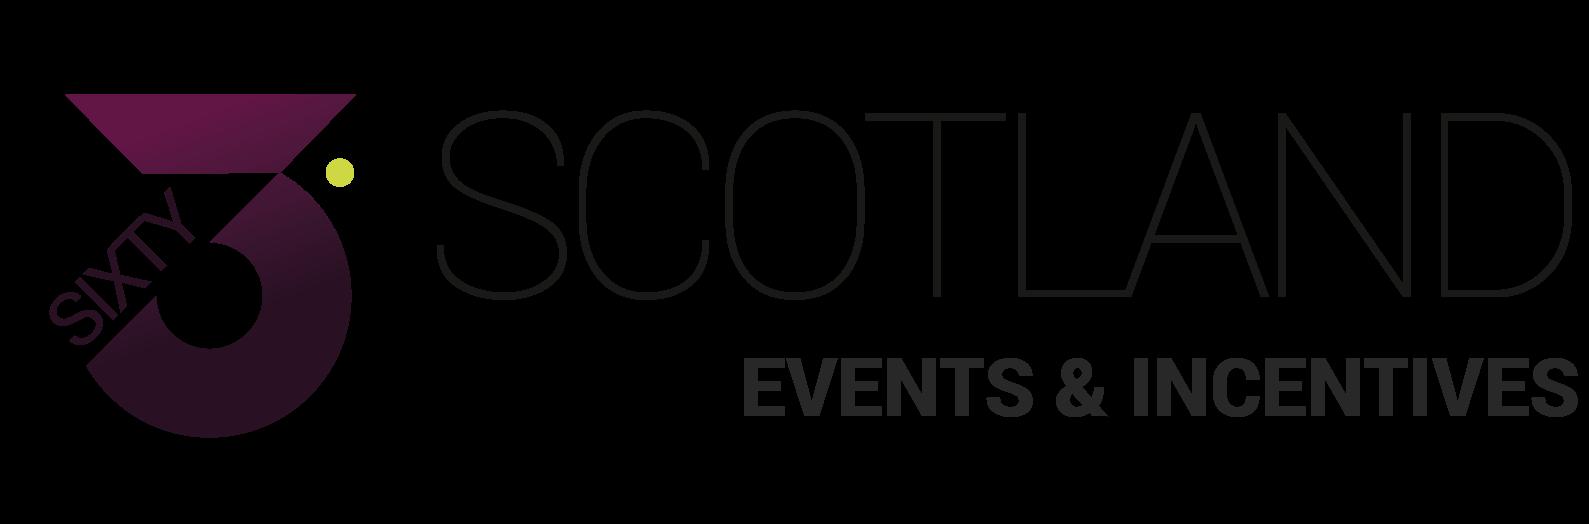 360 Scotland DMC